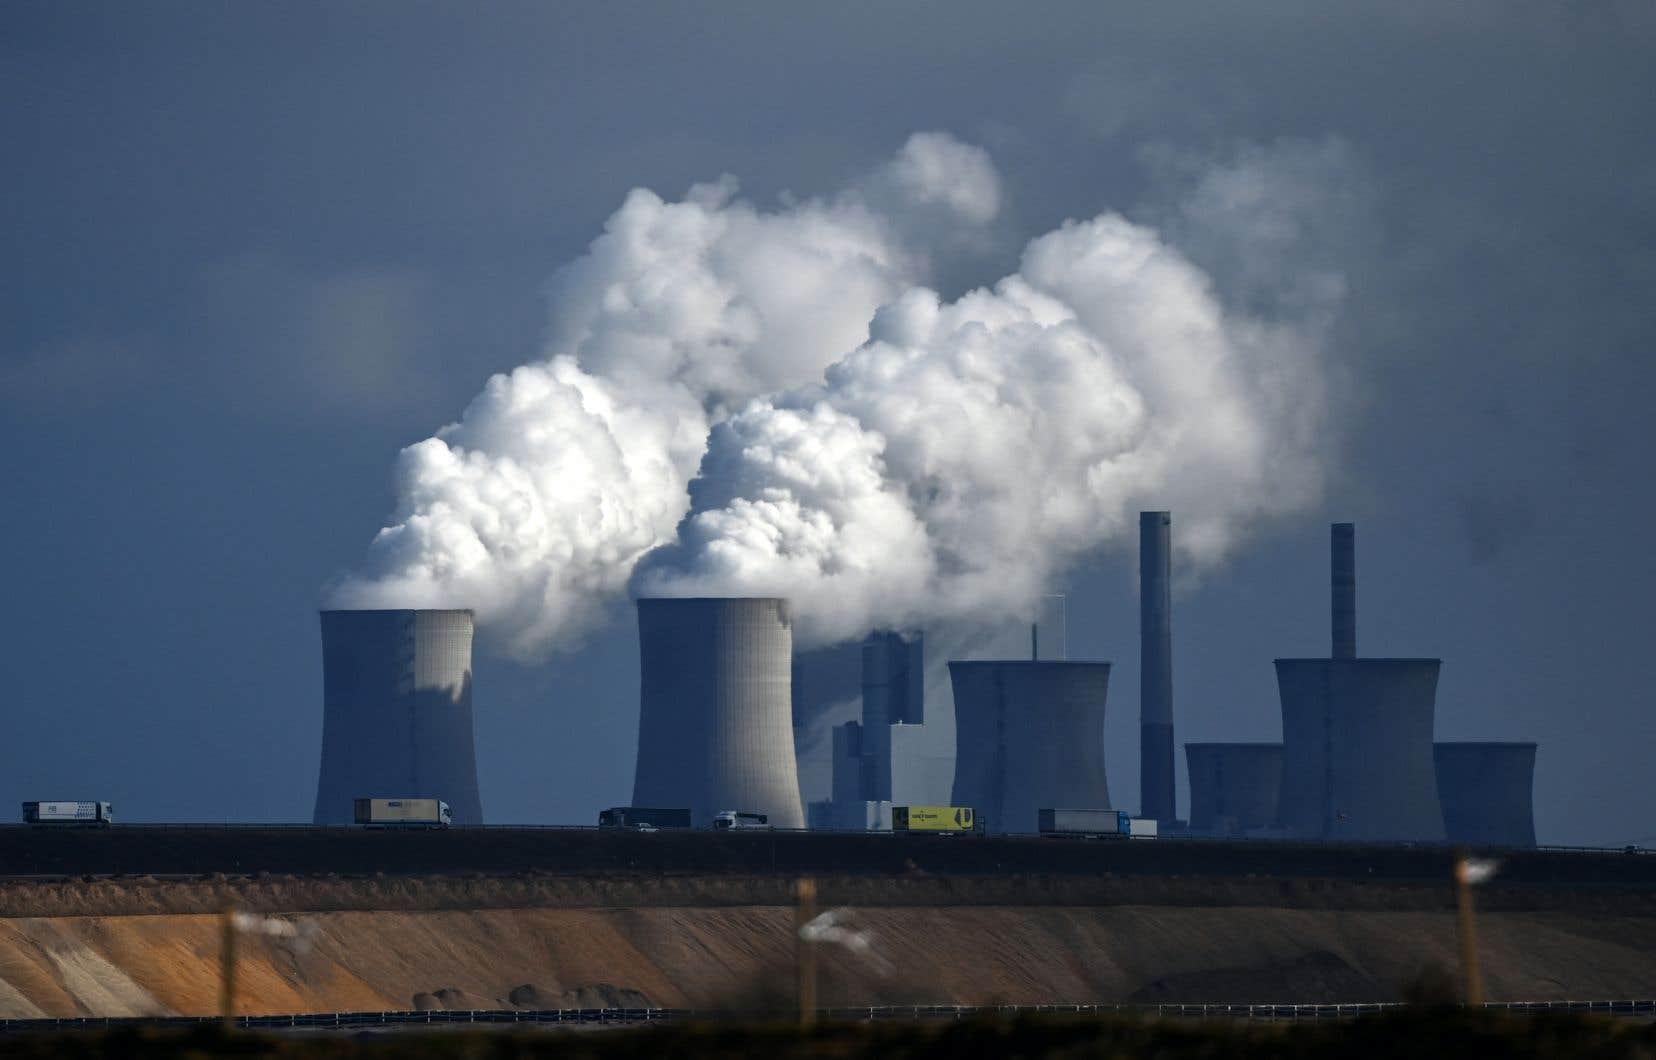 Les émissions de gaz à effet de serre imputables à la combustion du charbon augmenteront cette année, pour atteindre près de 15 milliards de tonnes, selon l'Agence internationale de l'énergie.